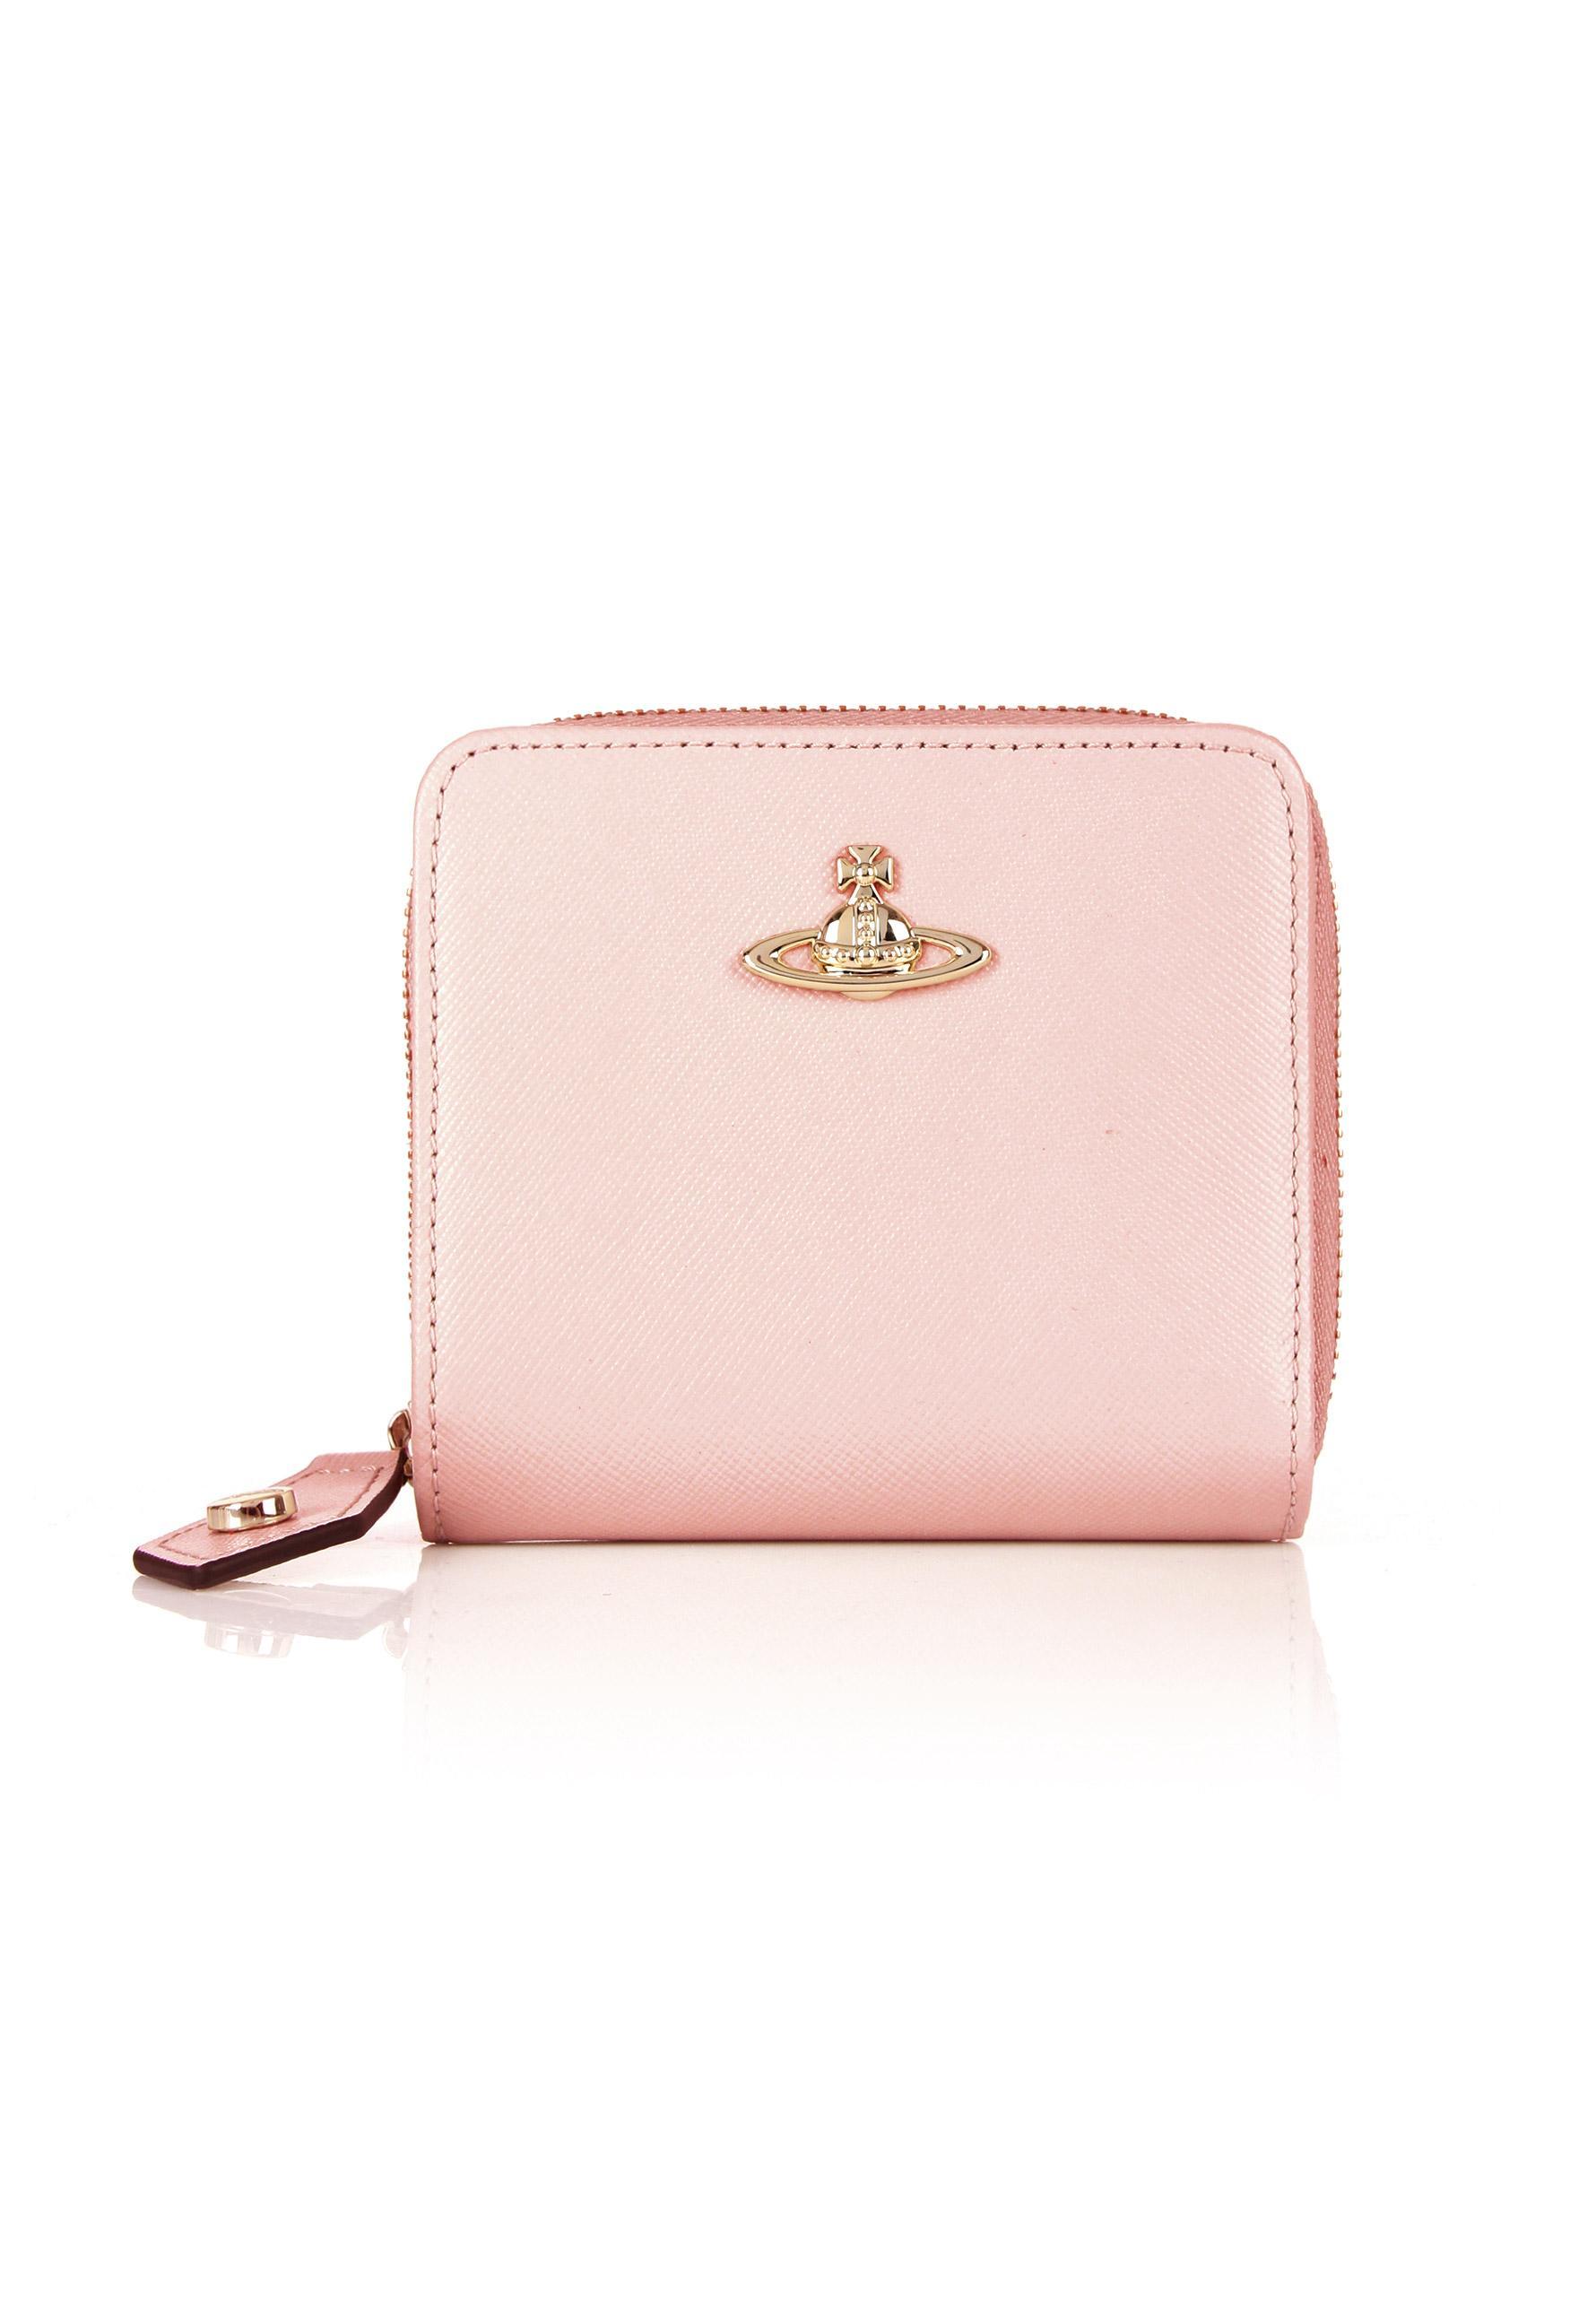 9309d29e2f9 Vivienne Westwood Opio Saffiano 321408 Medium Zip Around Wallet Pink ...